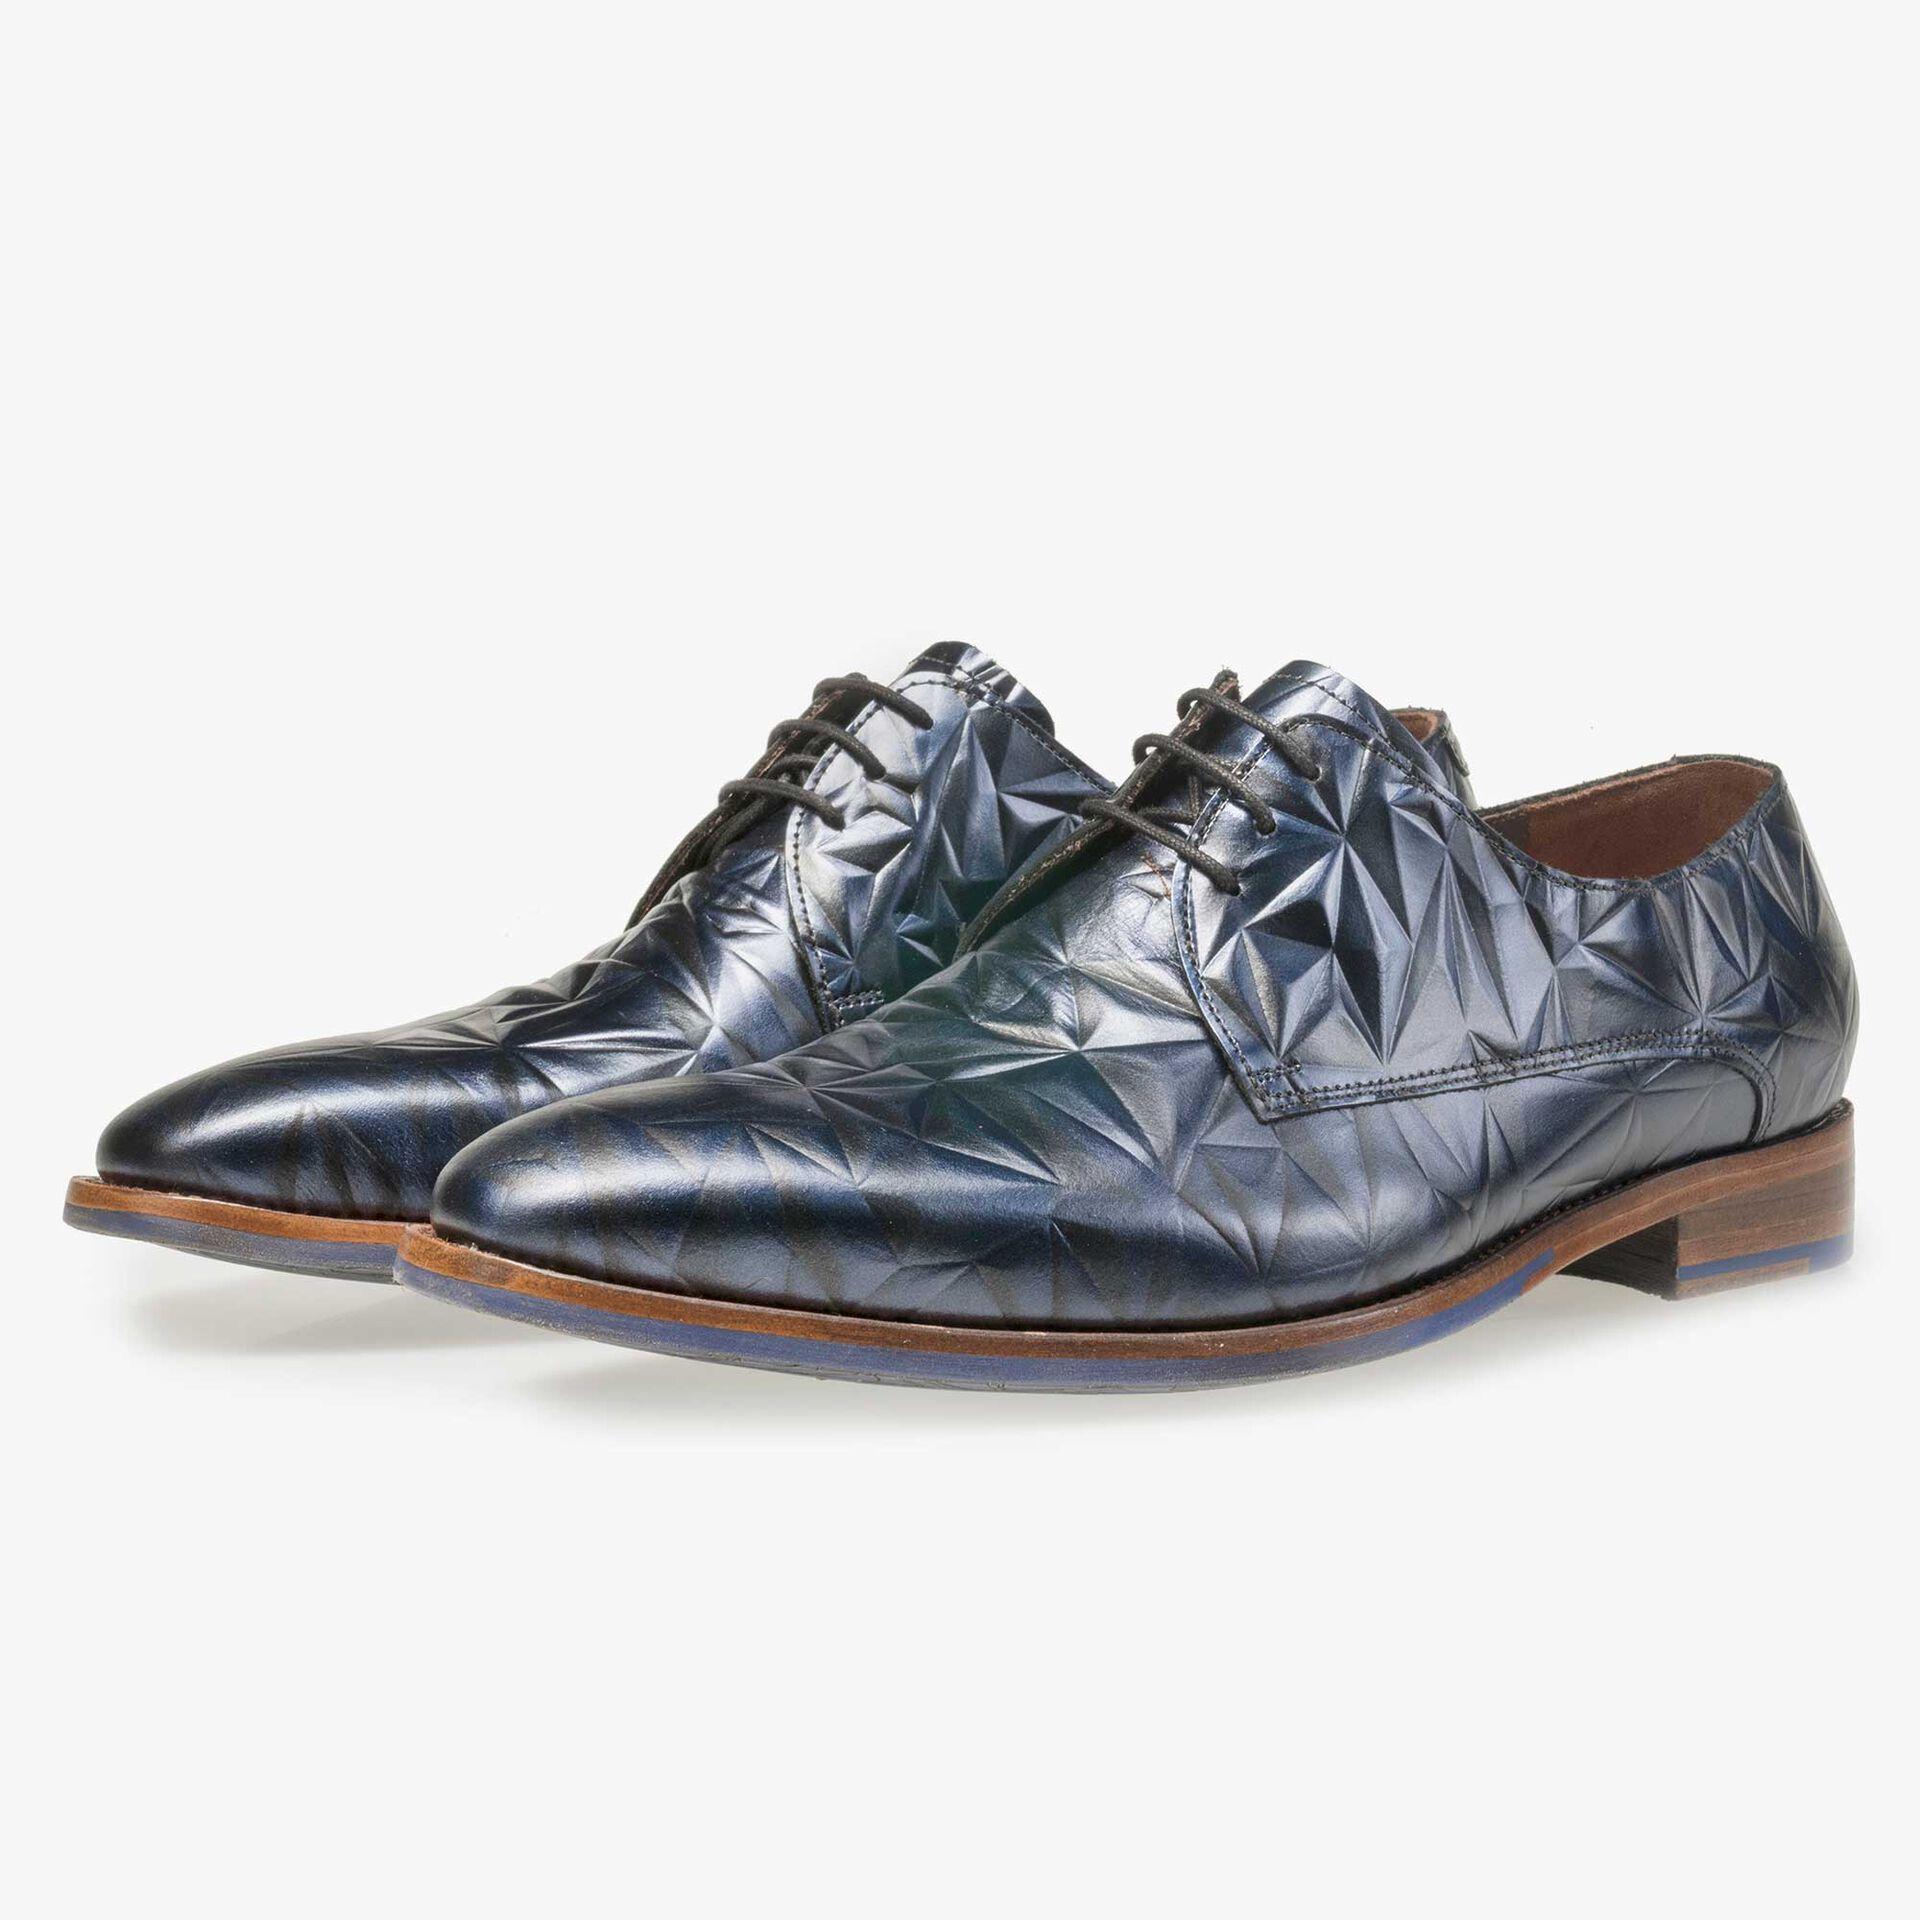 Floris van Bommel men's blue leather lace shoe finished with a black 3D print